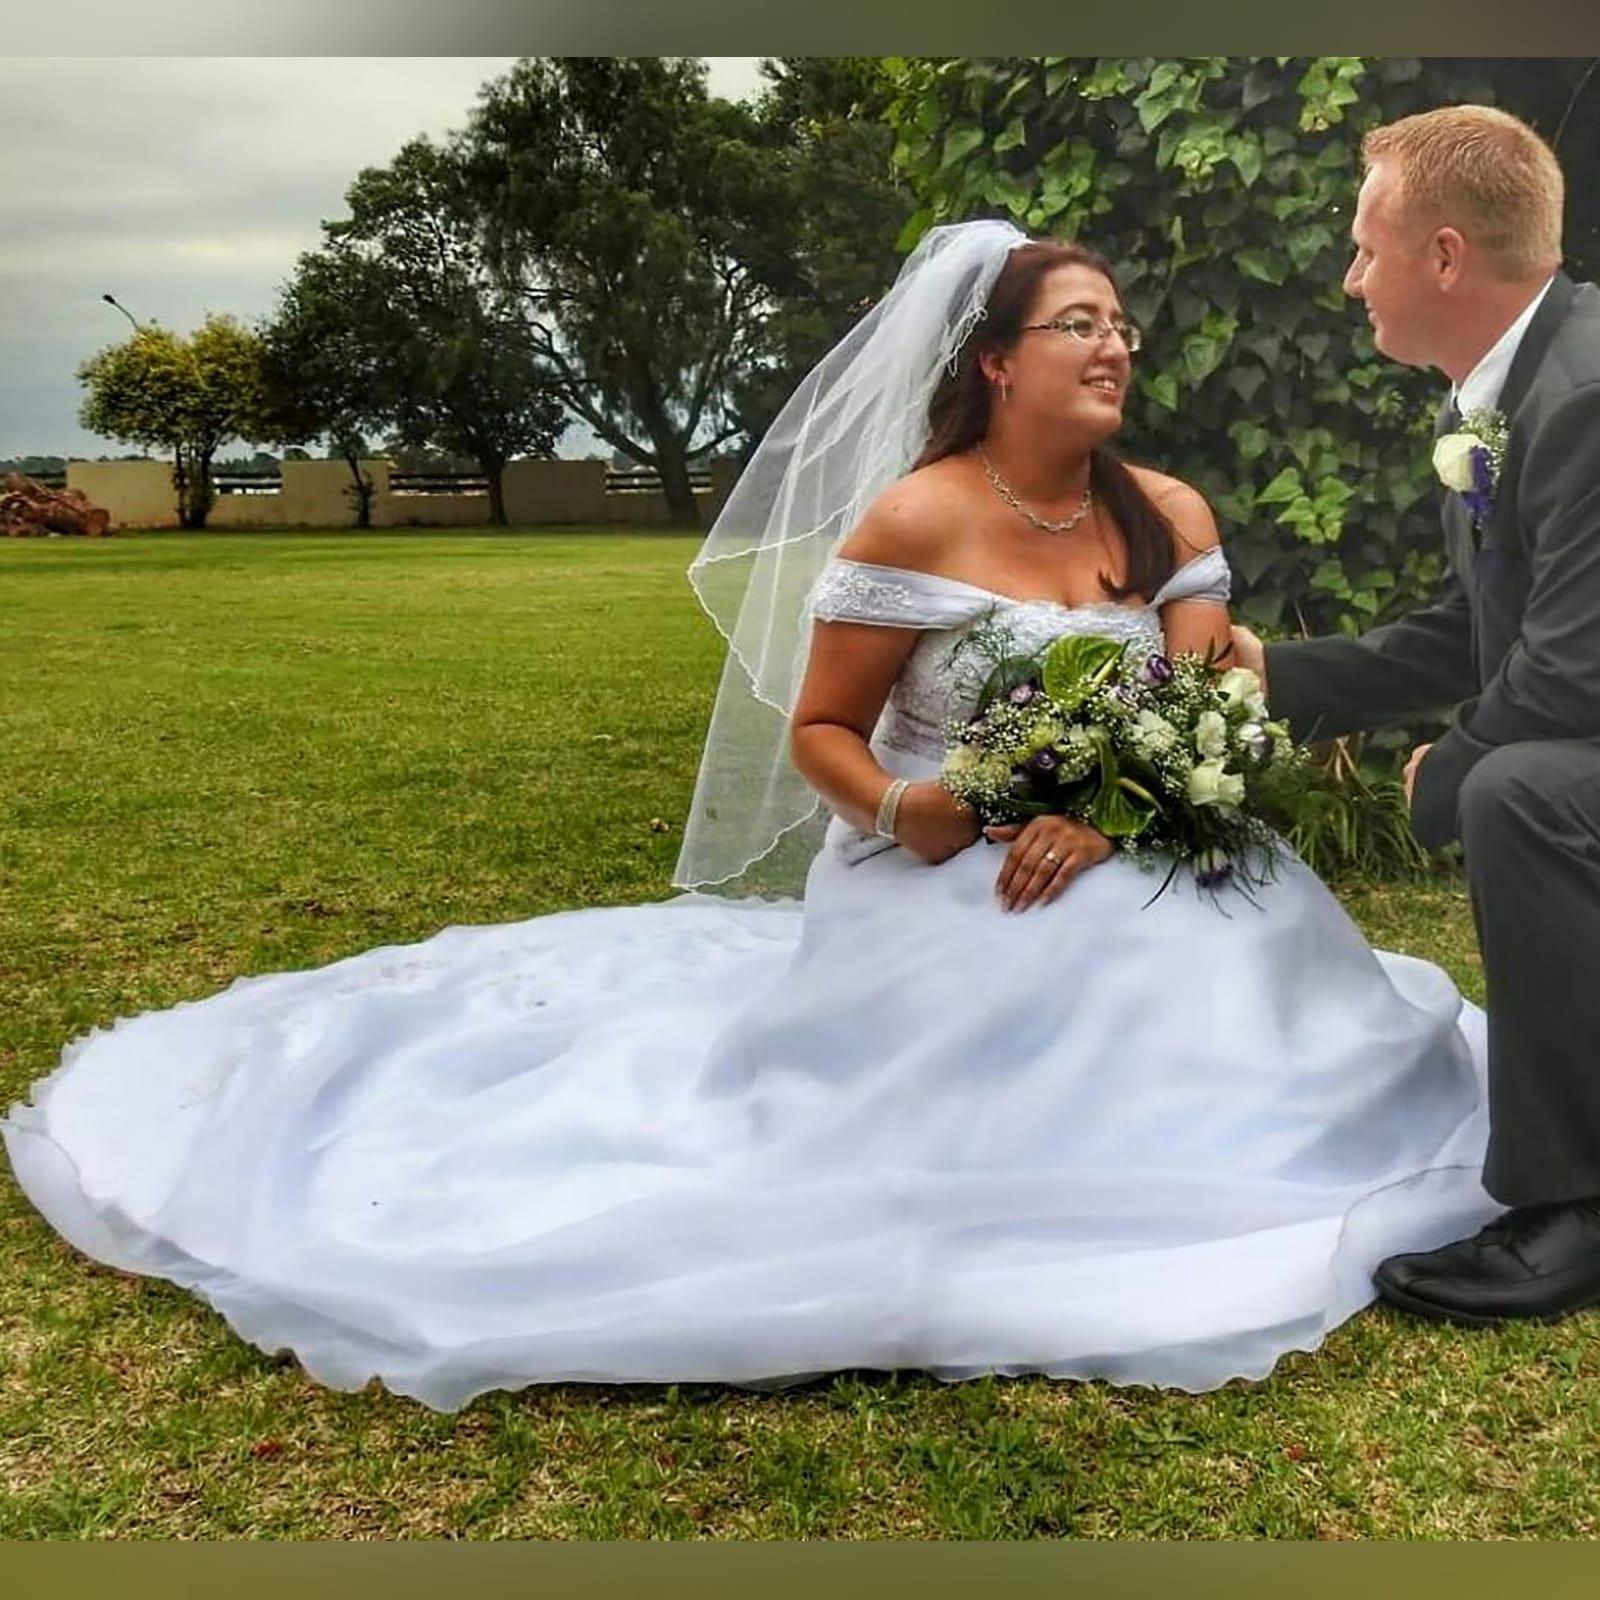 Organza vestido de noiva branco 5 vestido de baile de casamento branco de organza, sem ombros. Corpete detalhado com renda. De costas com cordões. Com um cauda e ombro organza plissada detalhadas com rendas. Com véu.